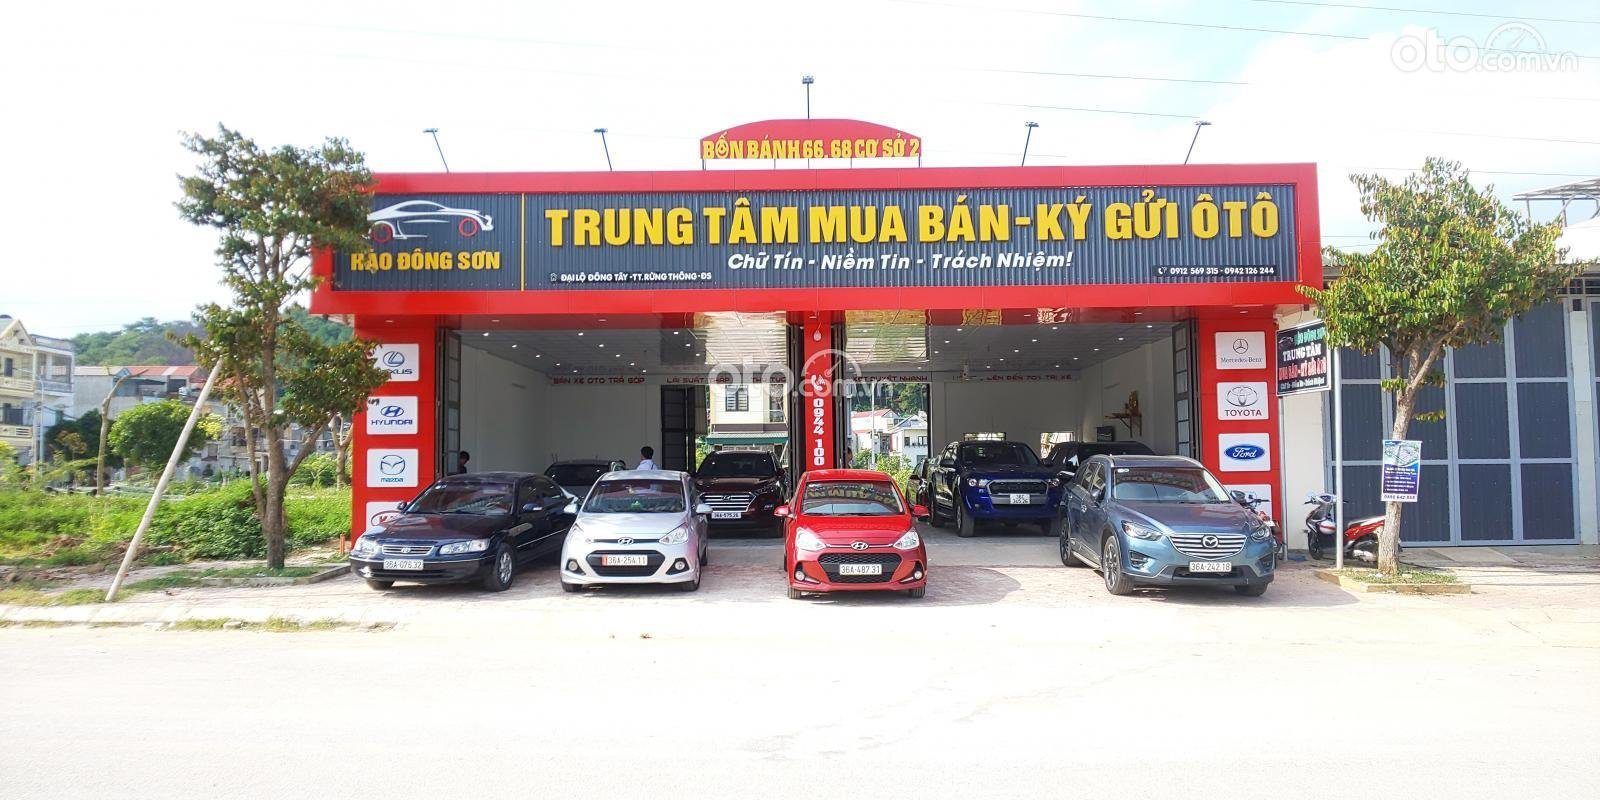 Hào Đông Sơn Auto (7)